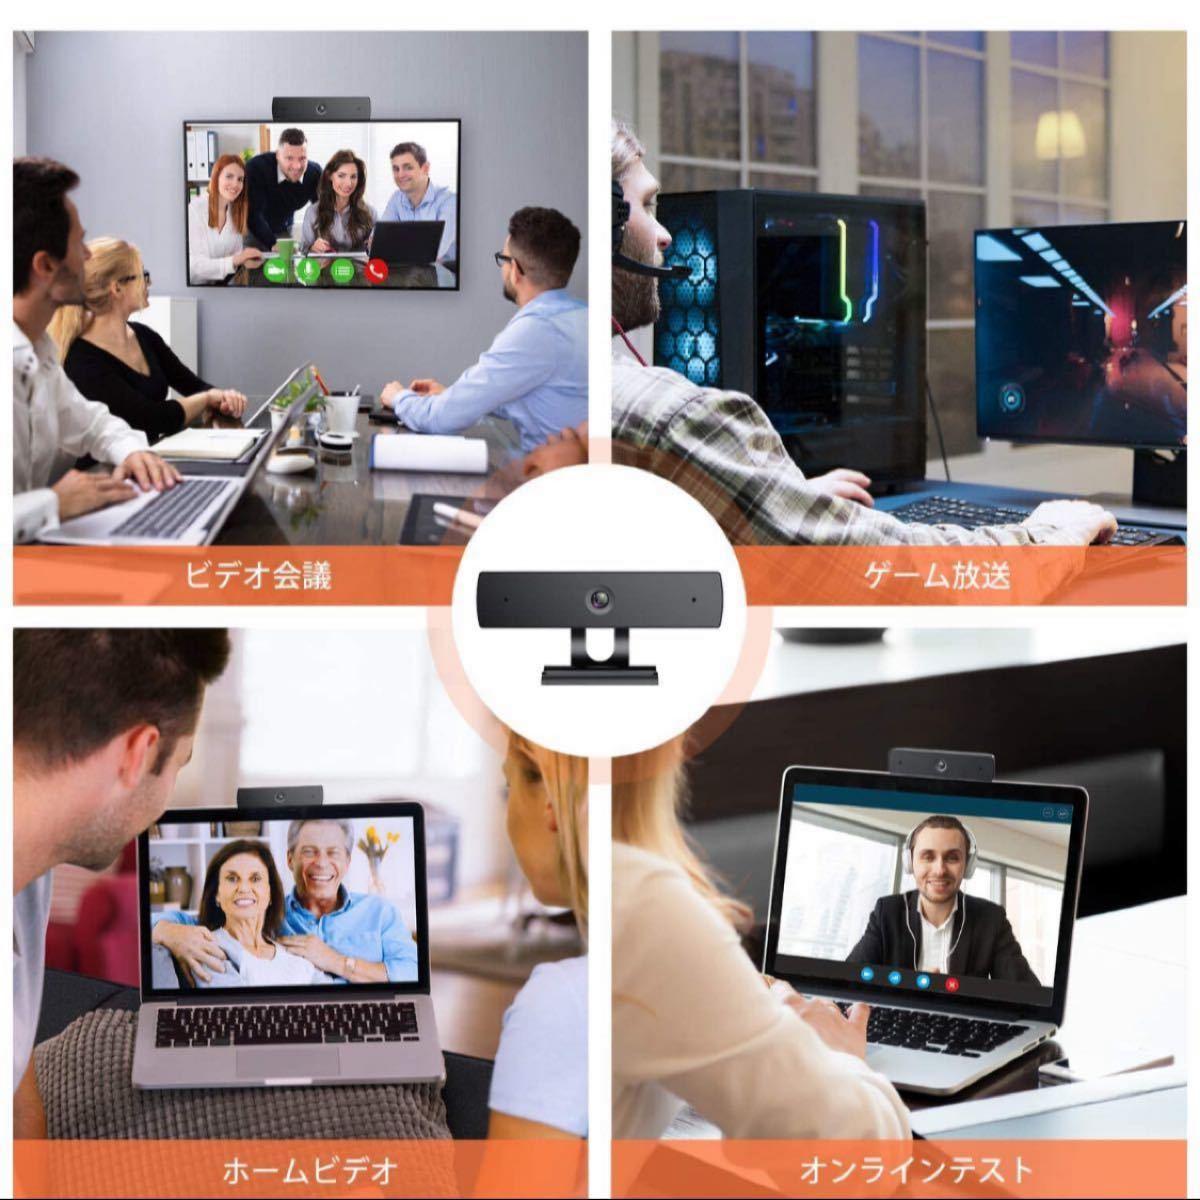 Webカメラ ウェブカメラ 1080P 30FPS 調光補正 HD ウェブカム USB ノイズリダクションデュアルマイク